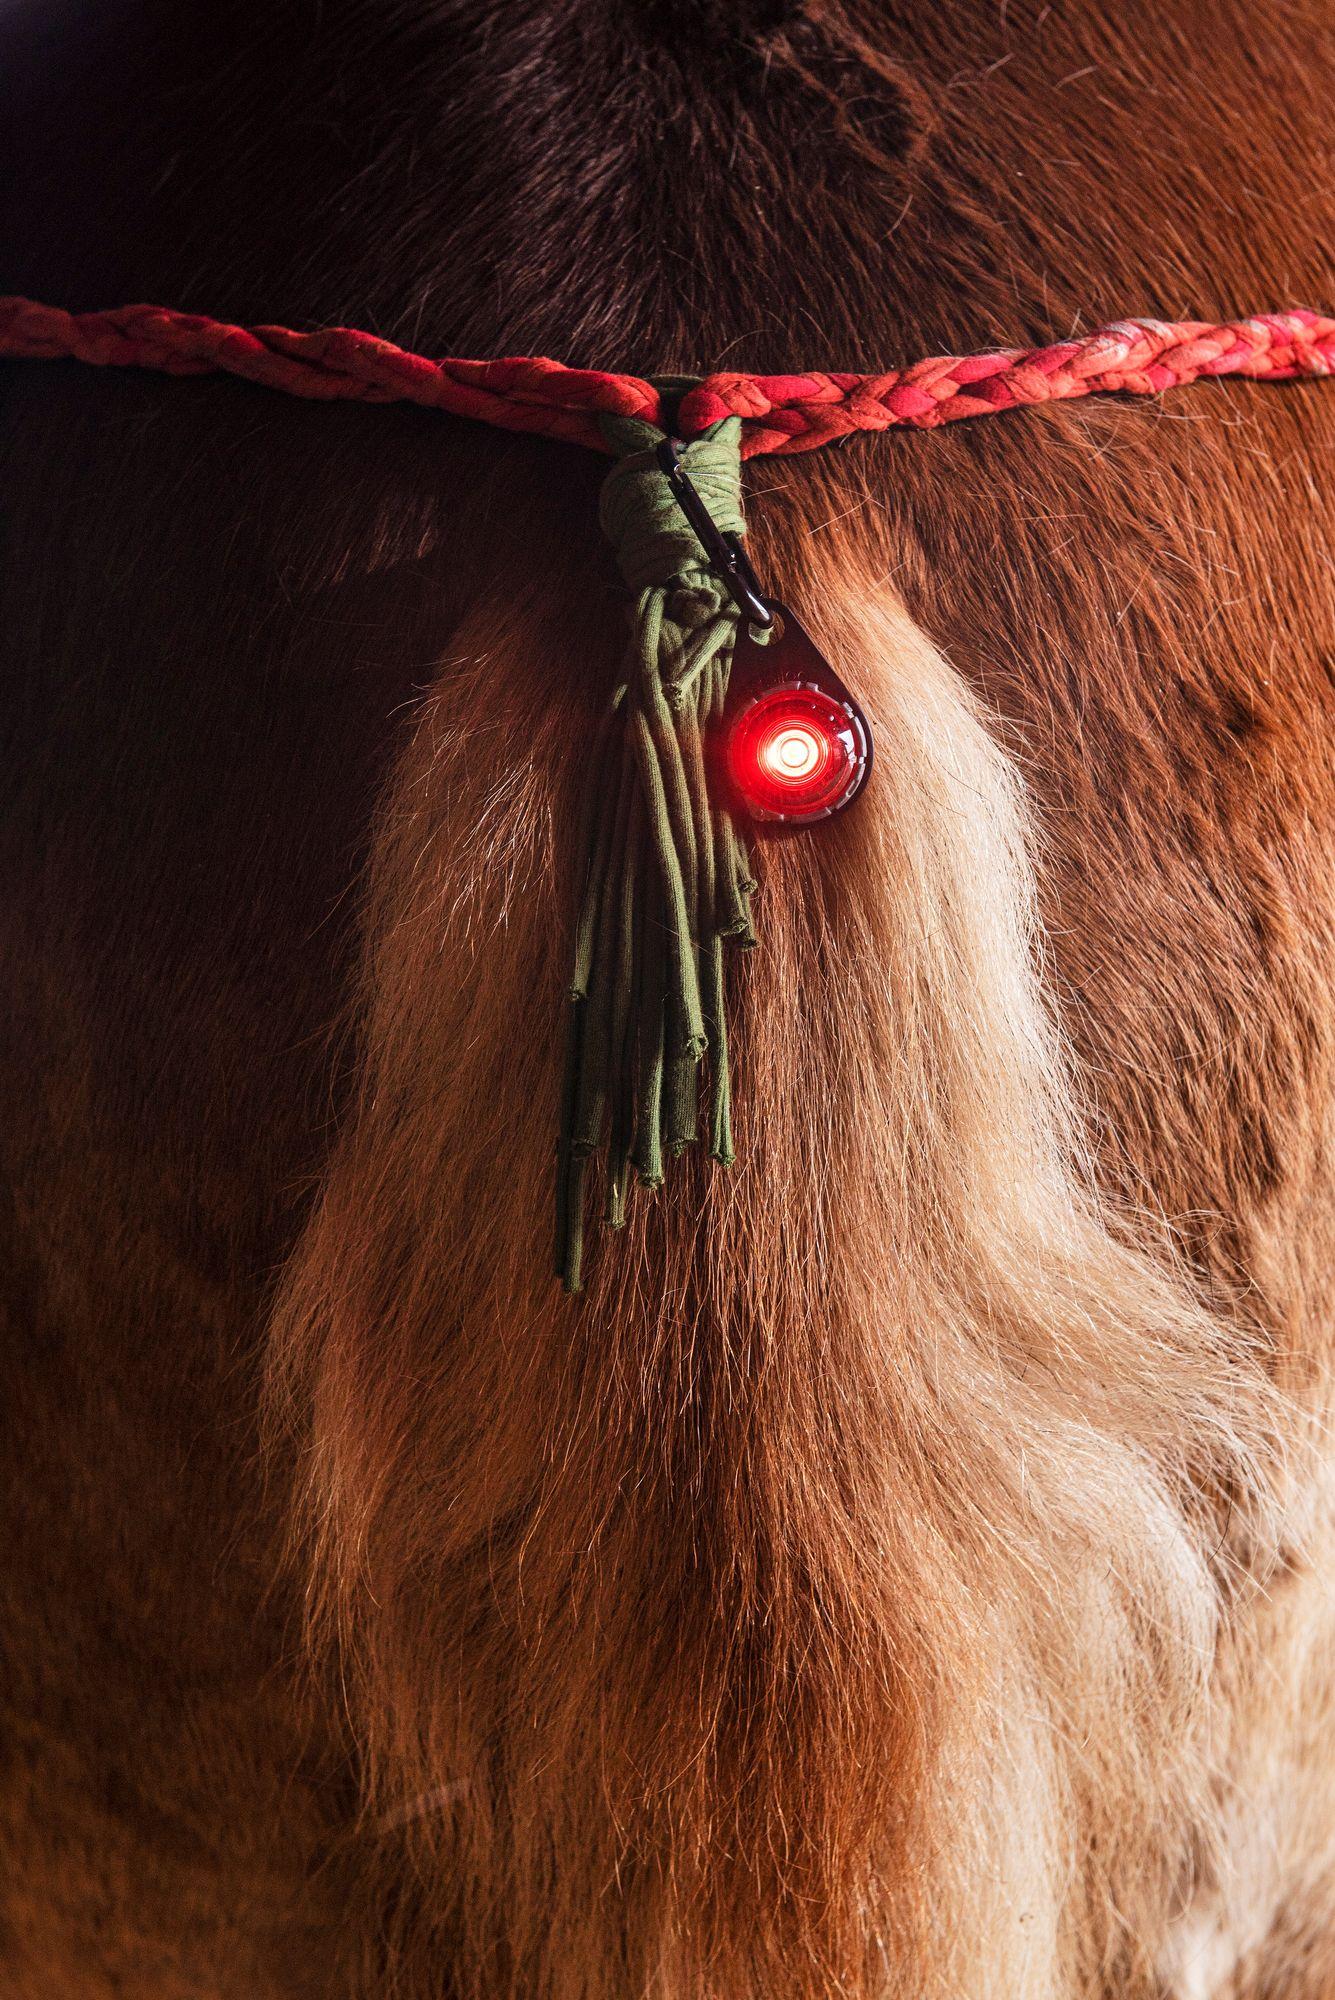 Tieliikennelain mukaan Kullannupulla täytyy olla hännässään punainen perävalo. © Vesa Tyni